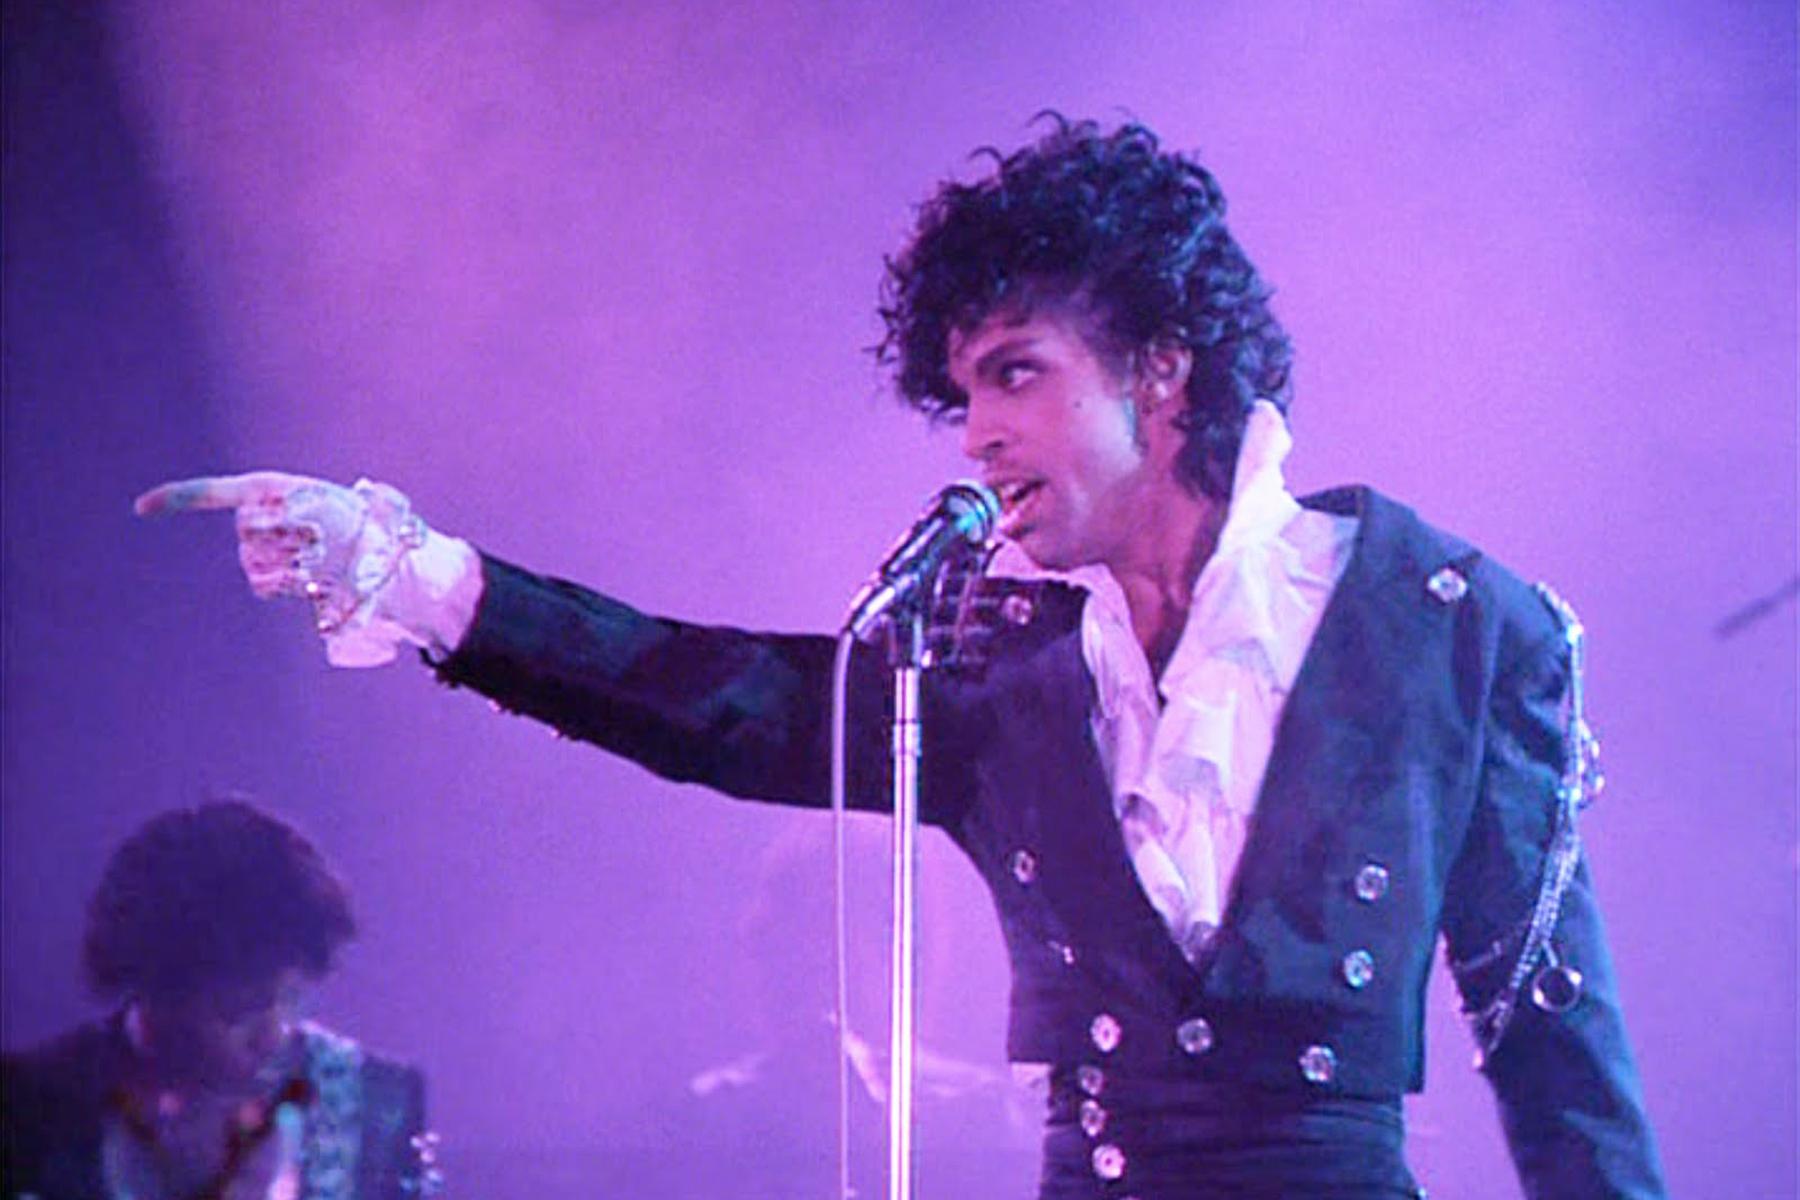 Addio a Prince, il principe del pop